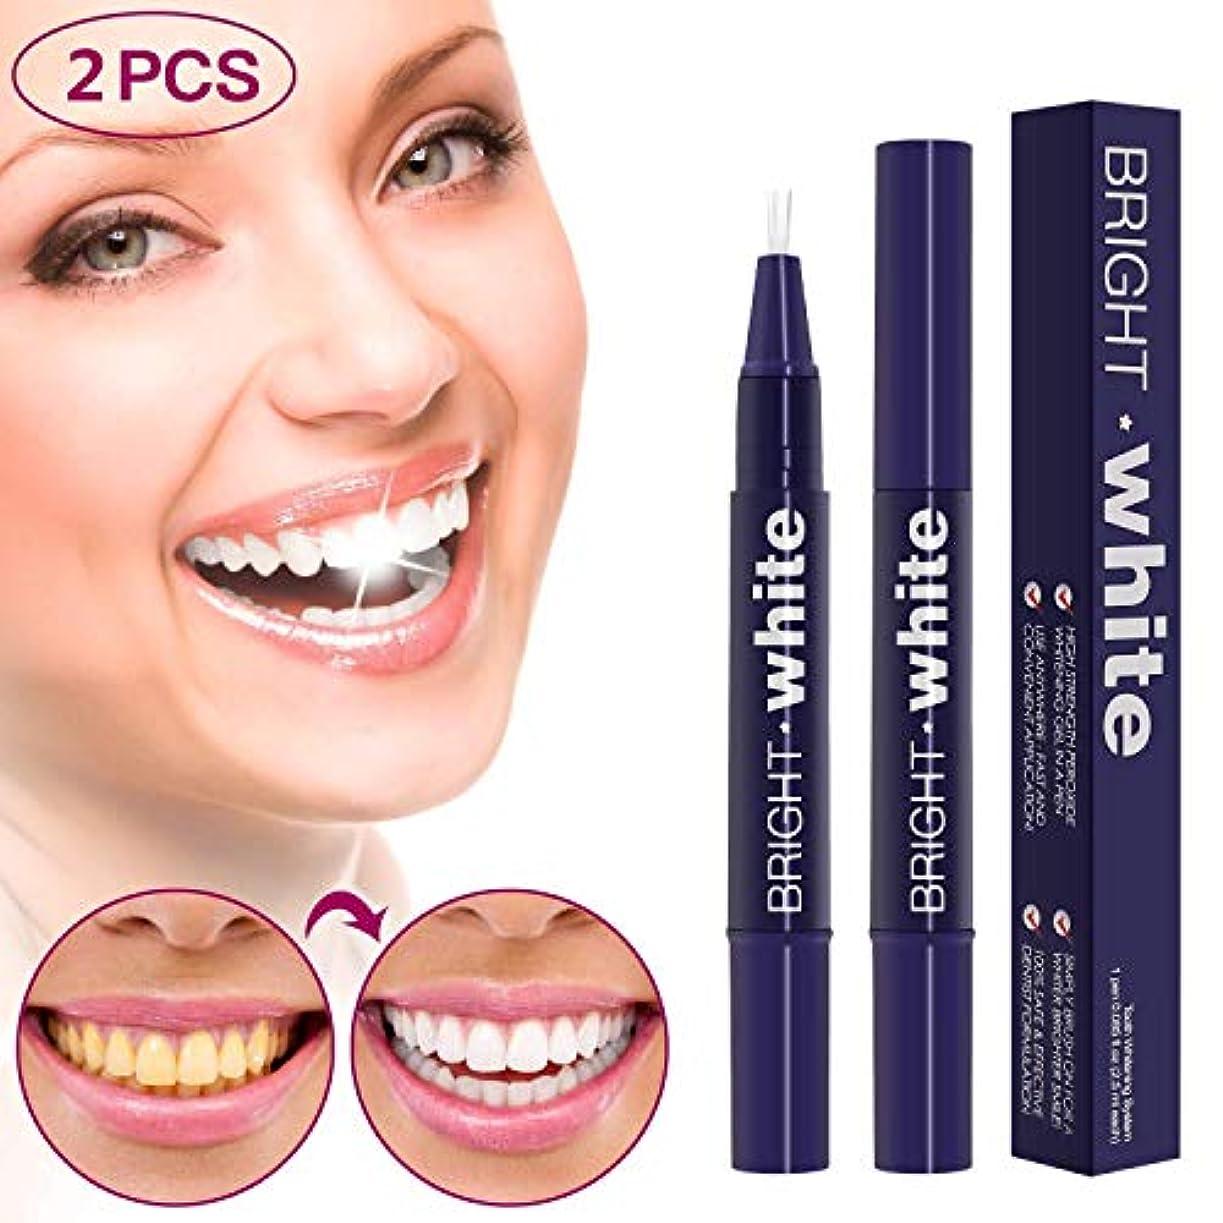 栄光のマウントブリーフケース美白歯ゲル 歯 ホワイトニングペン ホワイトニングペン 歯ブラシ 輝く笑顔 口臭防止 歯周病防止 2本